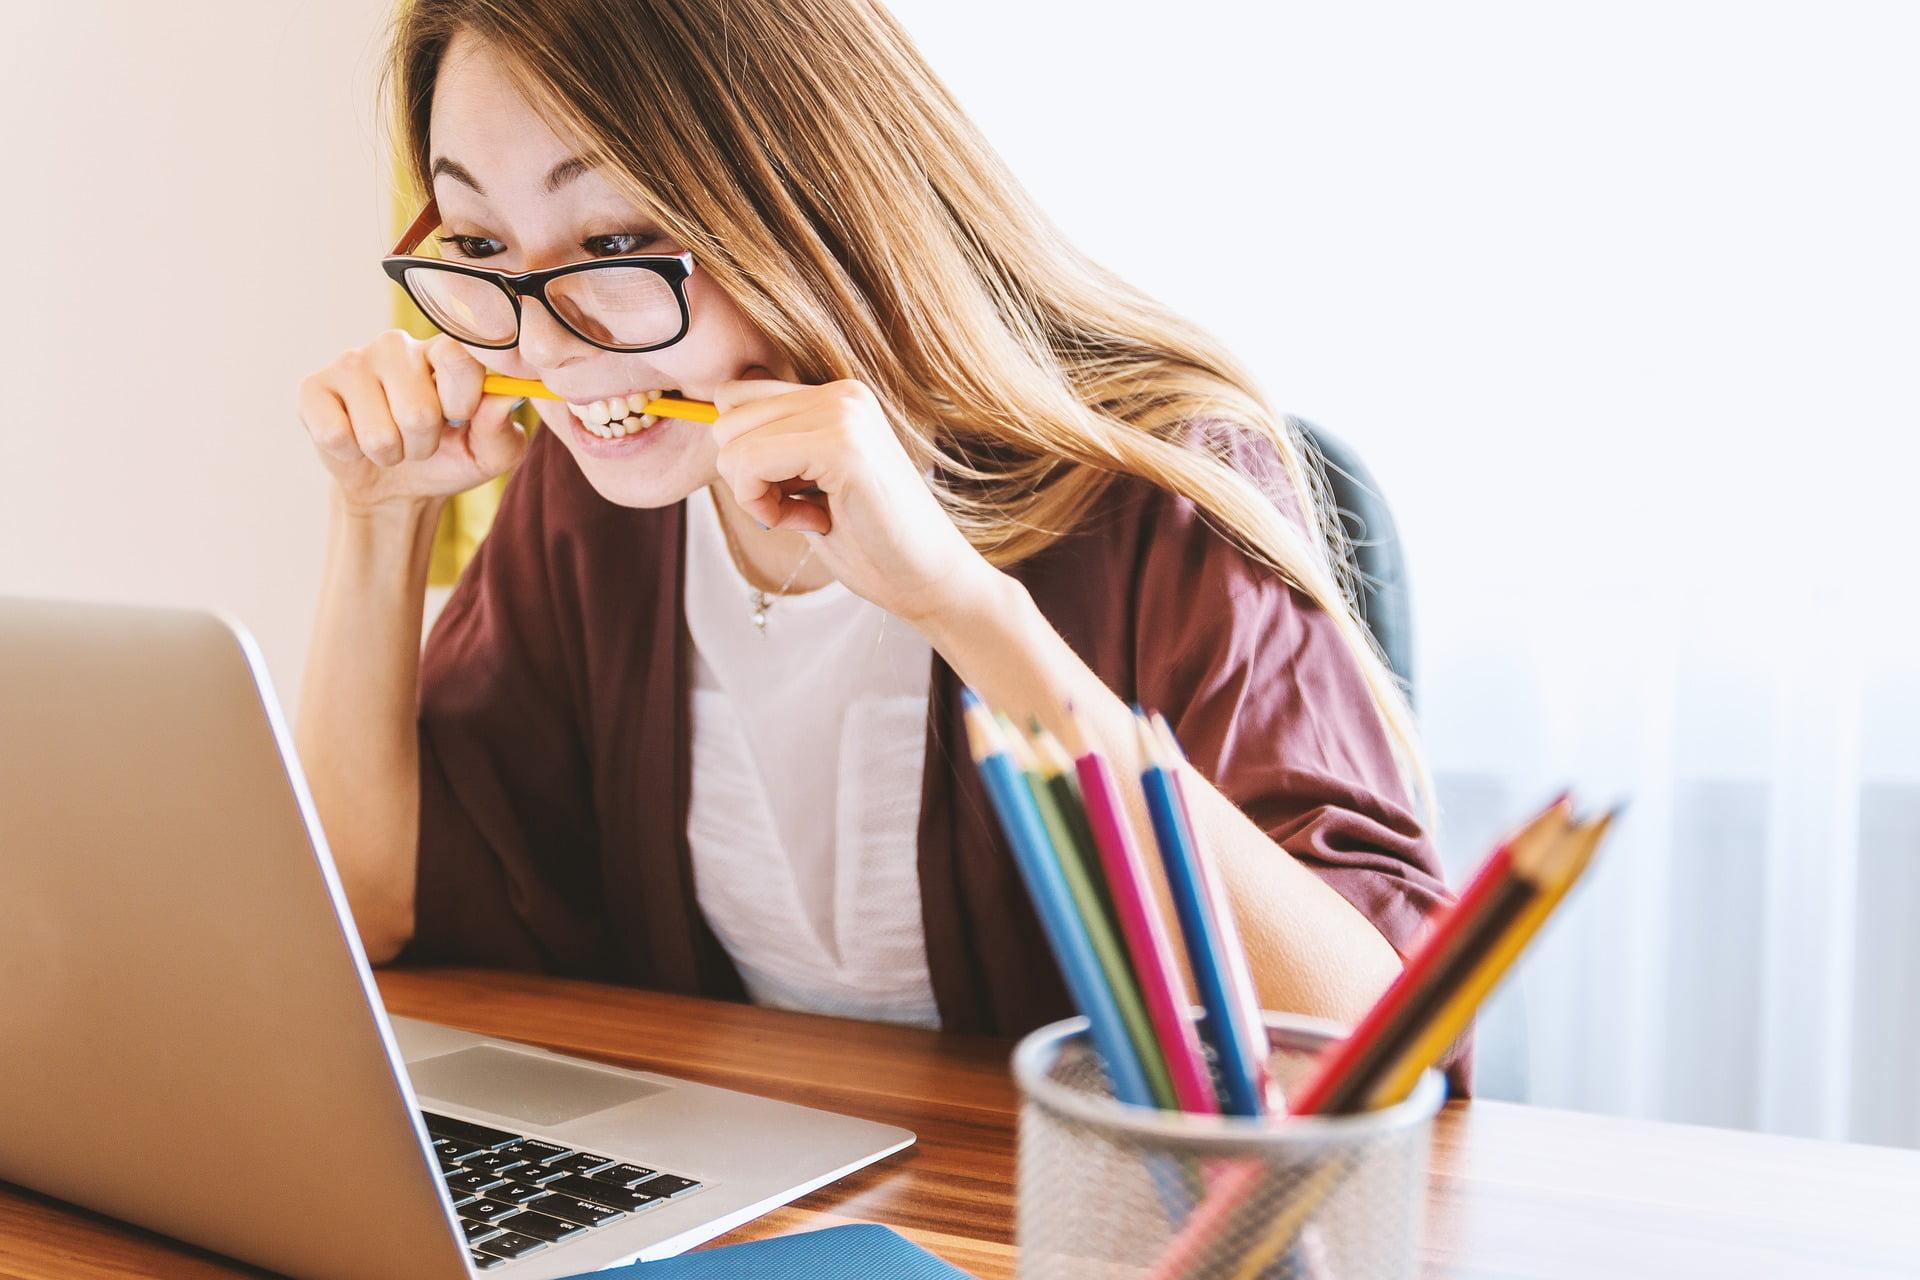 簿記二級の勉強方法 おすすめ教材の紹介